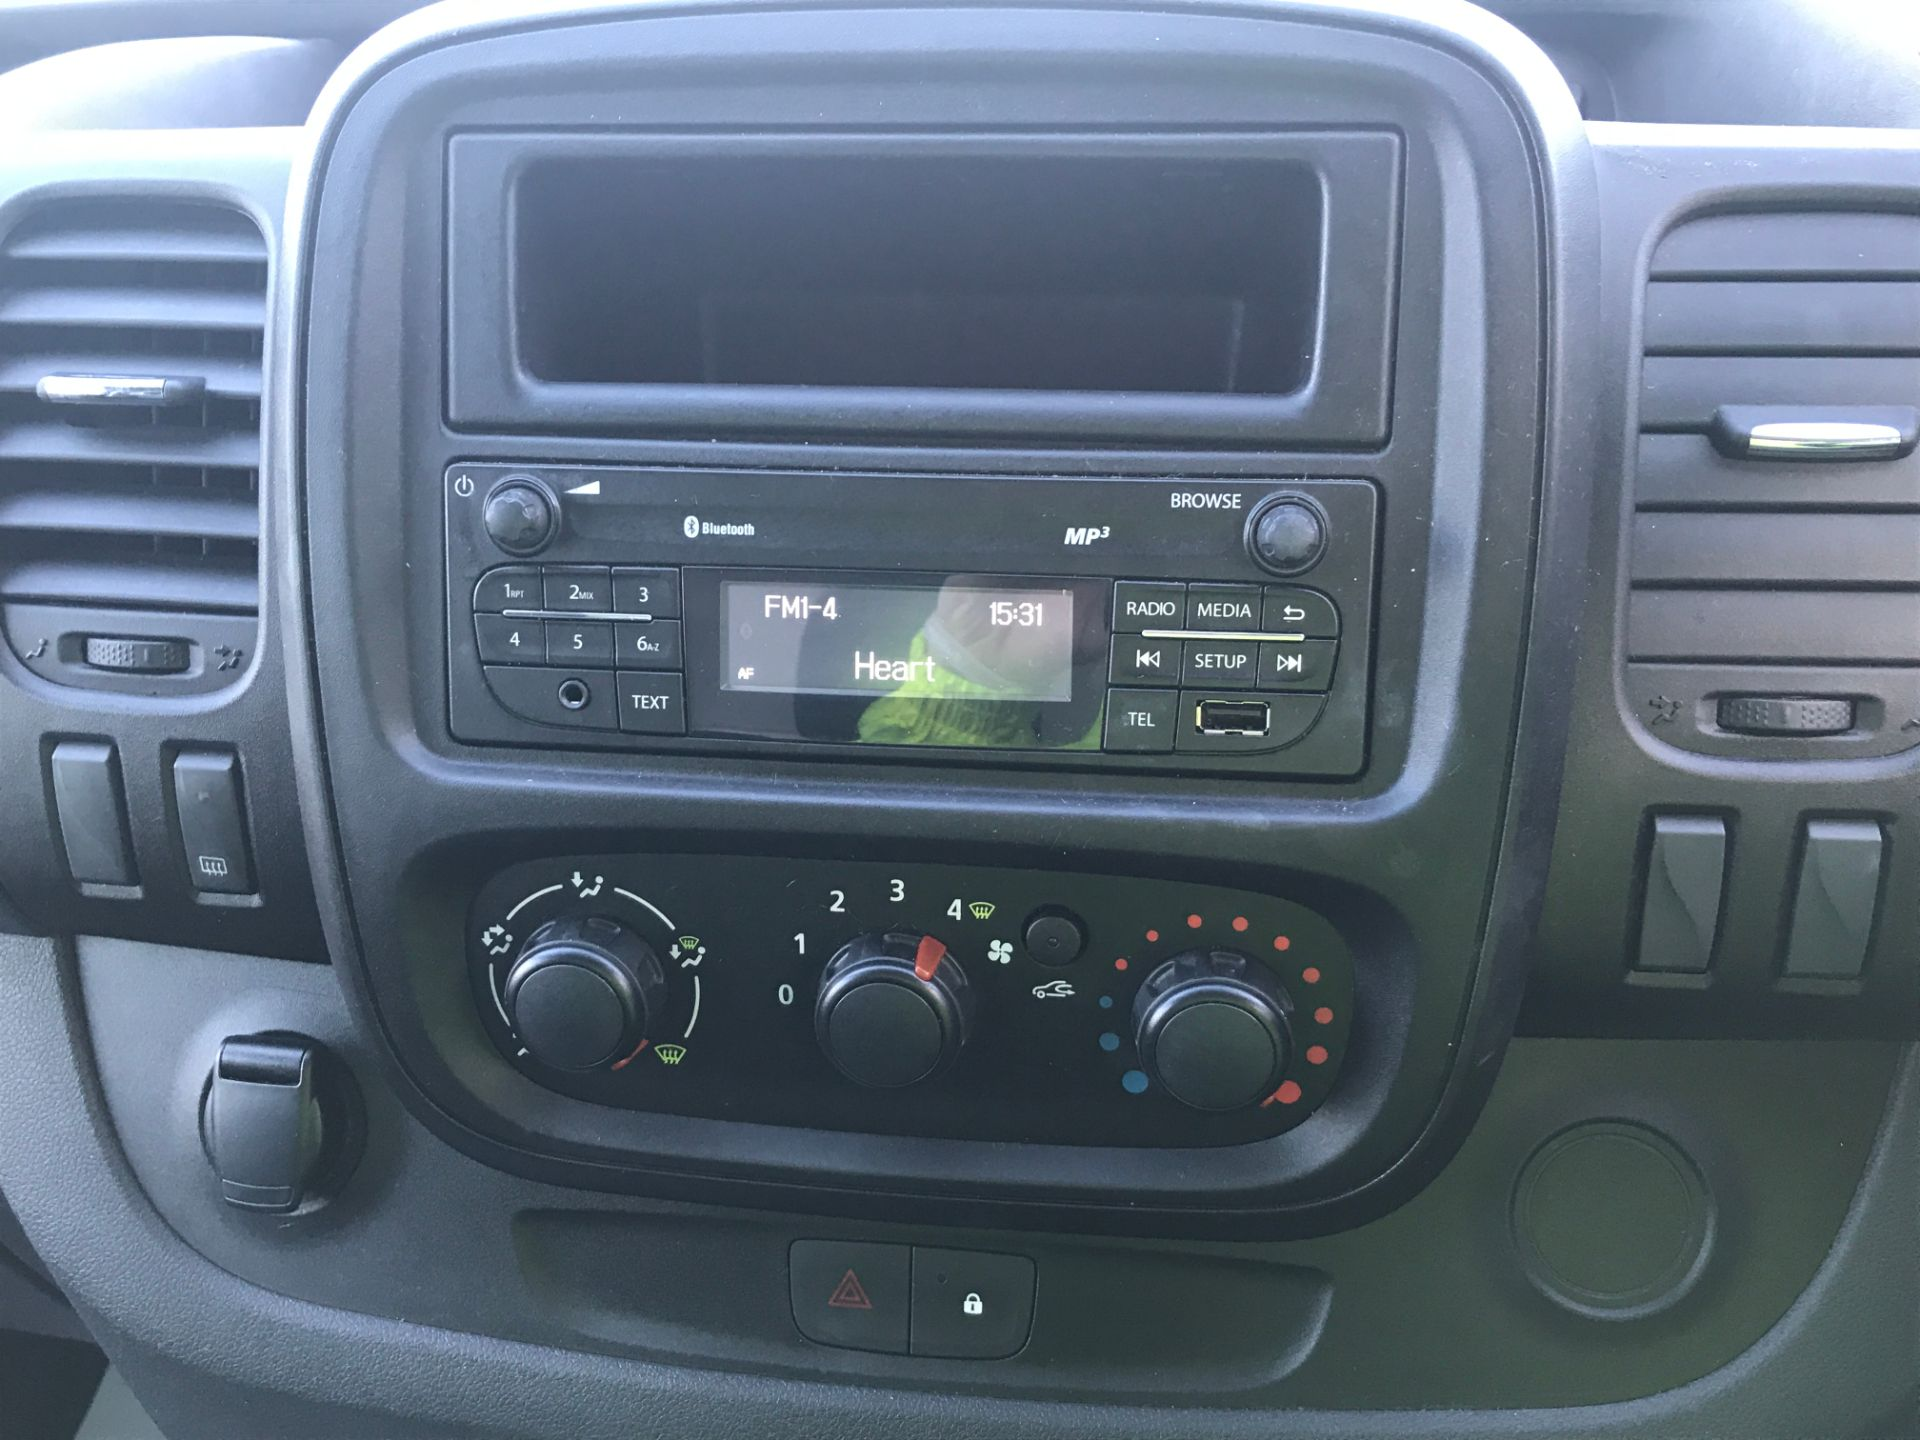 2017 Vauxhall Vivaro 2900 L2 H1 1.6CDTI 120PS EURO 6 (DP17UJB) Image 3